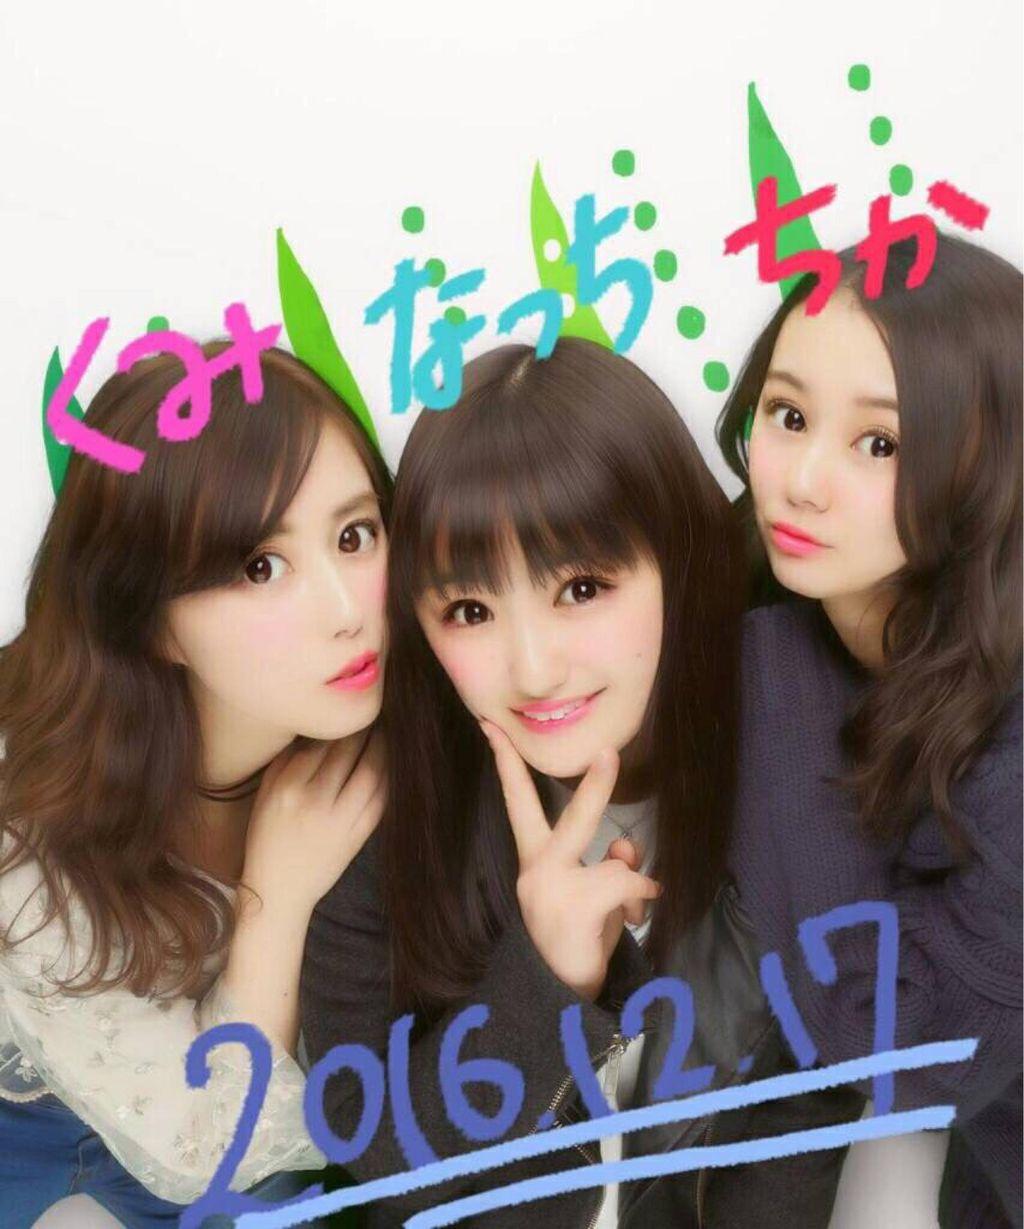 【エンタメ画像】松本慈子 「くみちゃんに会えた★★★」